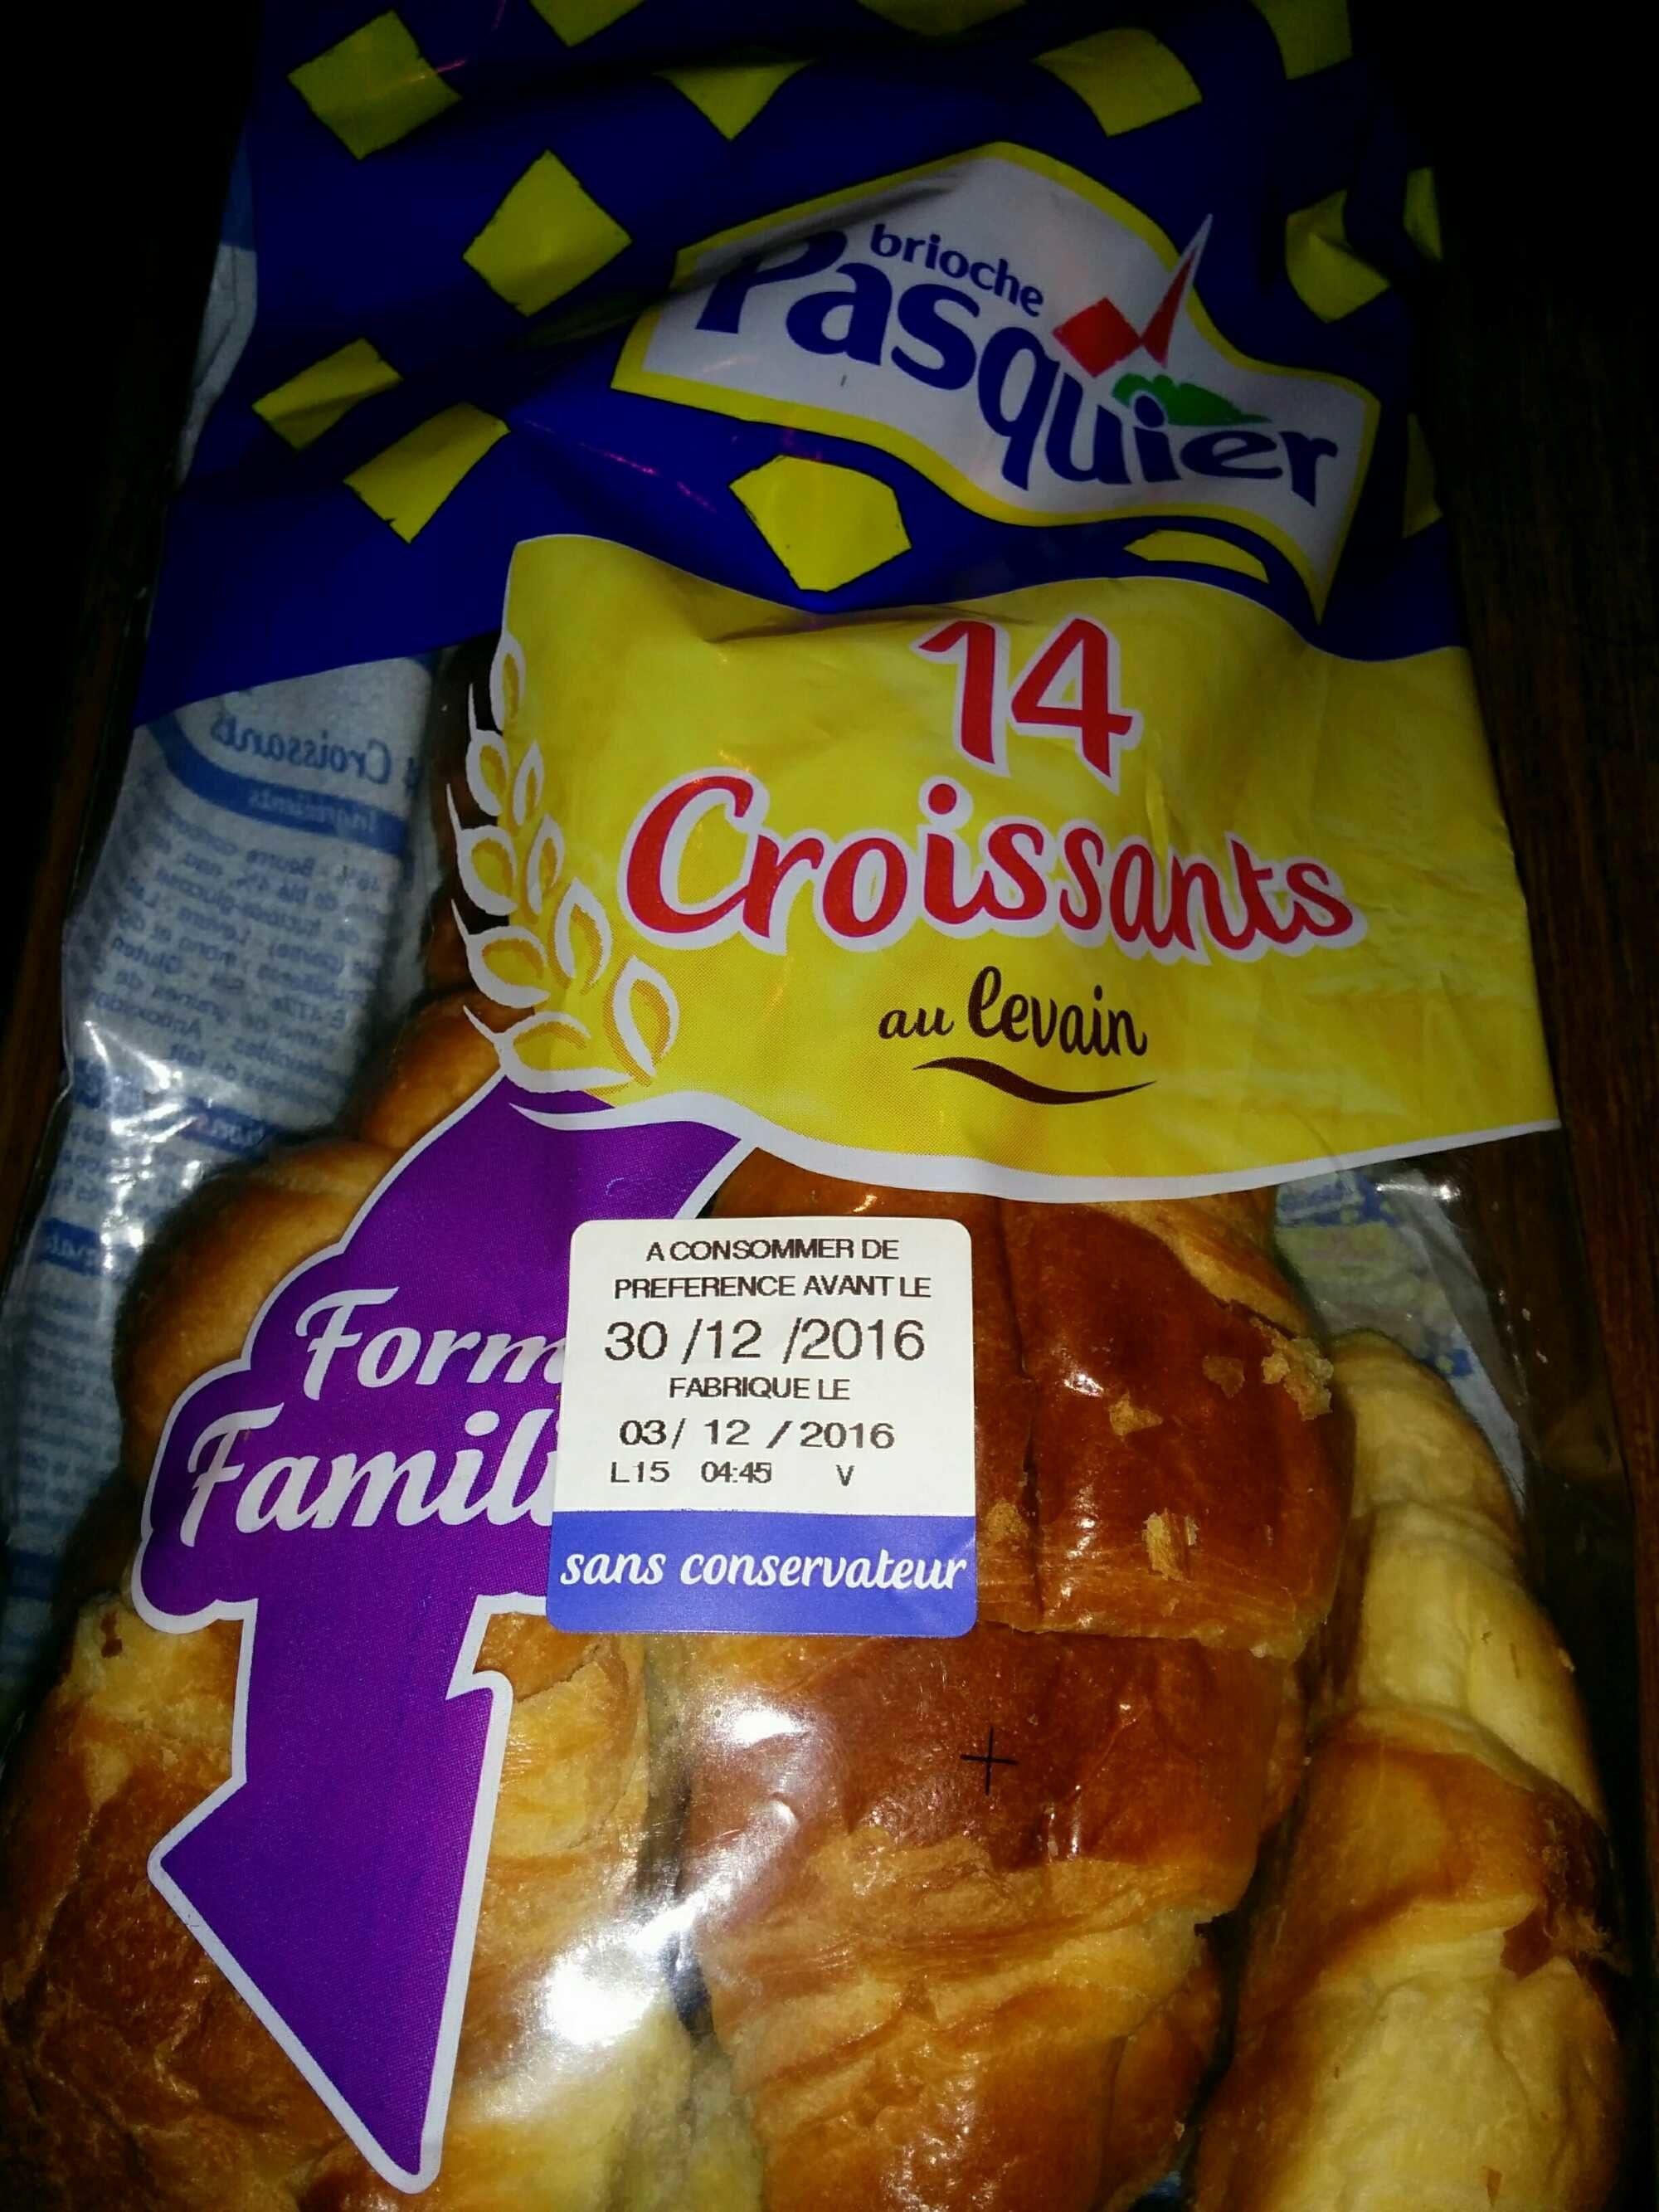 14 Croissants, au levain - Product